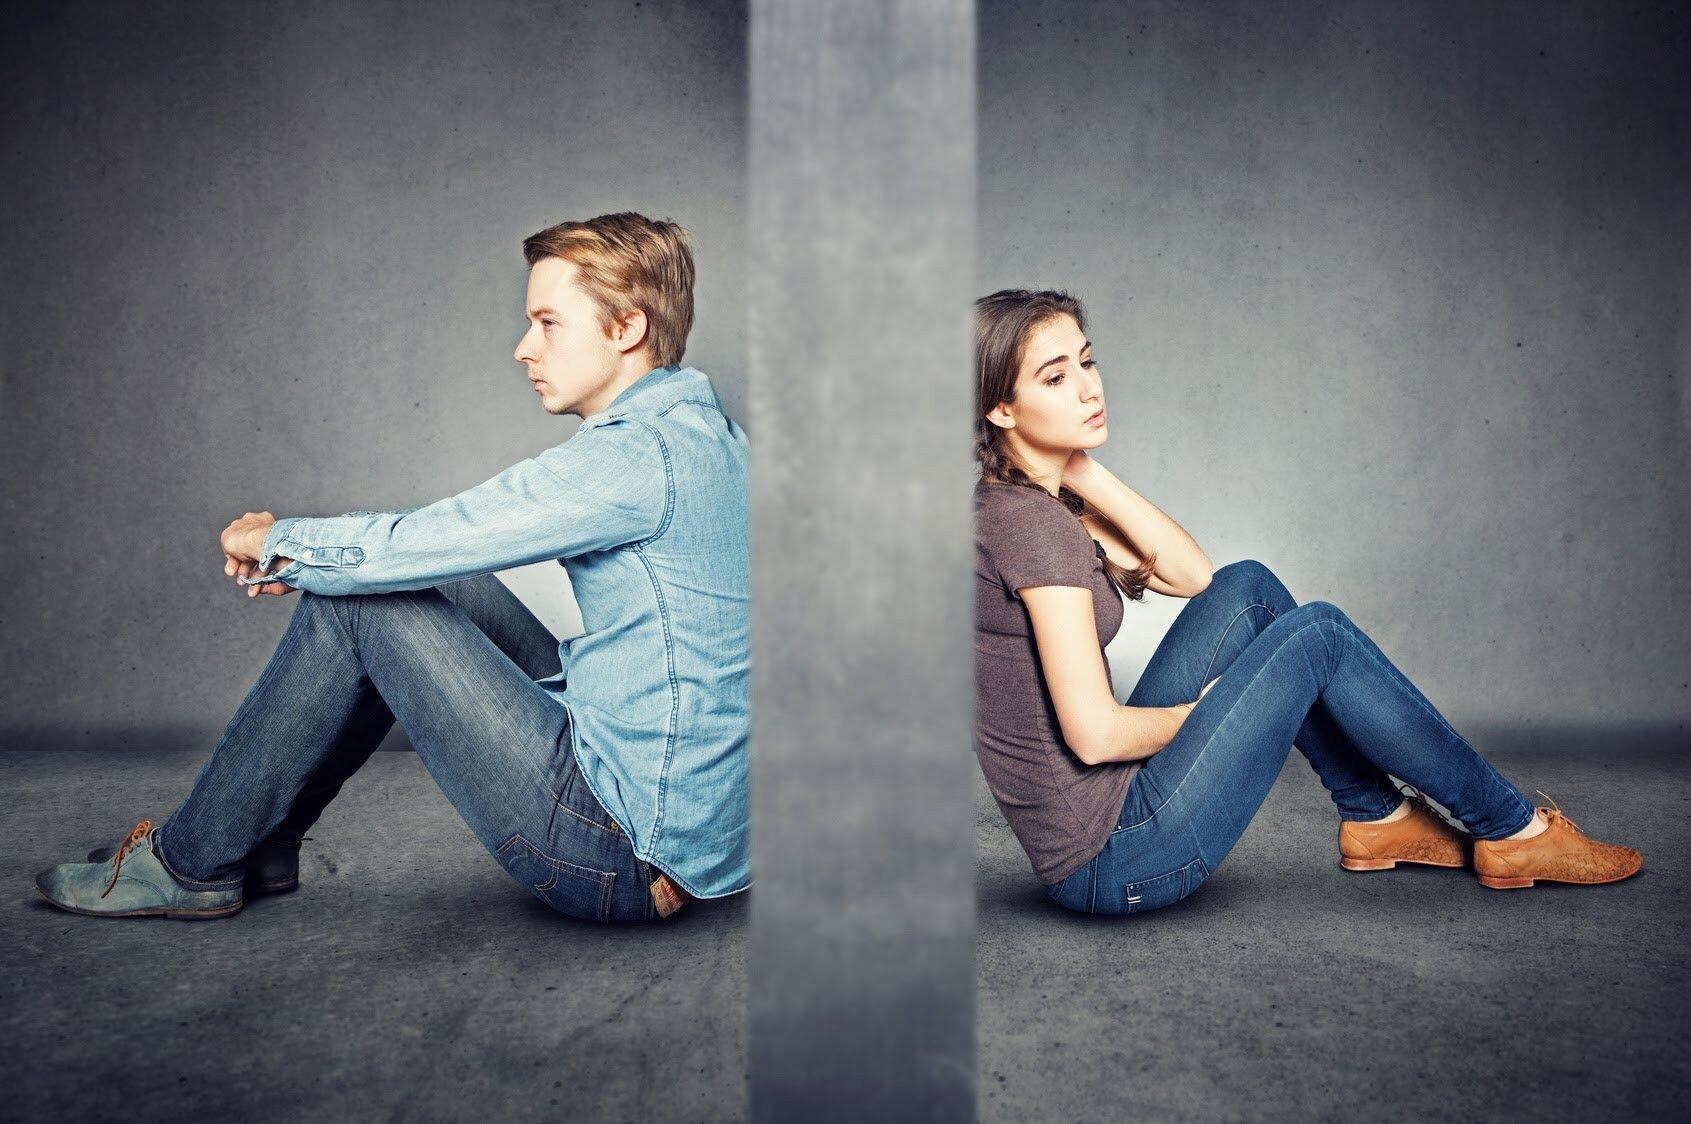 6 Pelajaran Berharga Saat Hubungan Usai Karena Tak Sesuai Harapan